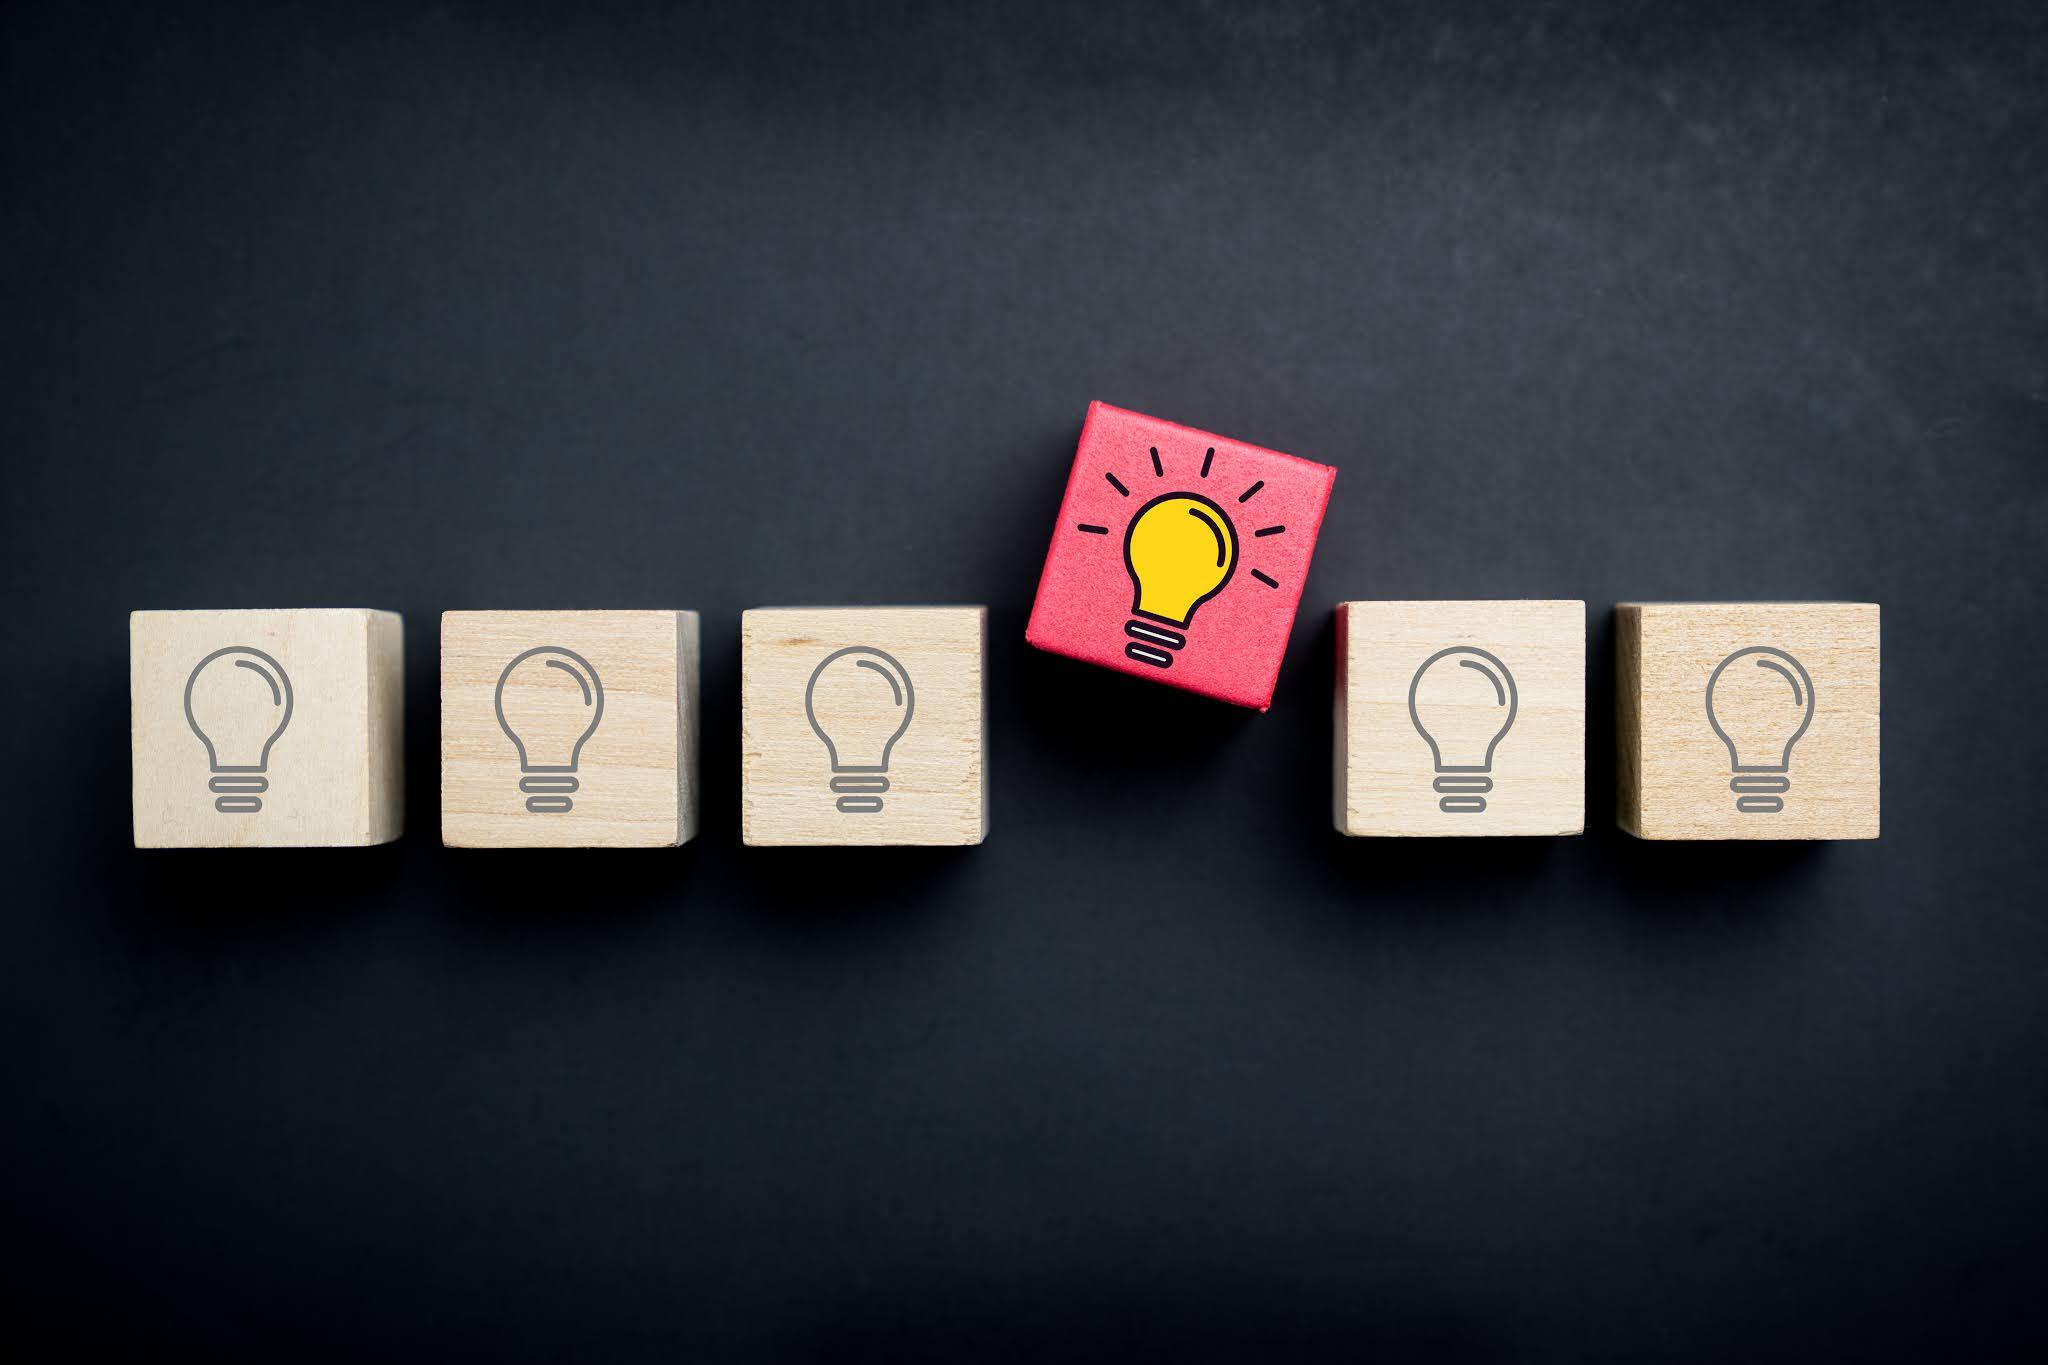 مسابقة جديدة تنطلق للمبتكرين بقطاع التكنولوجيا بالإمارات